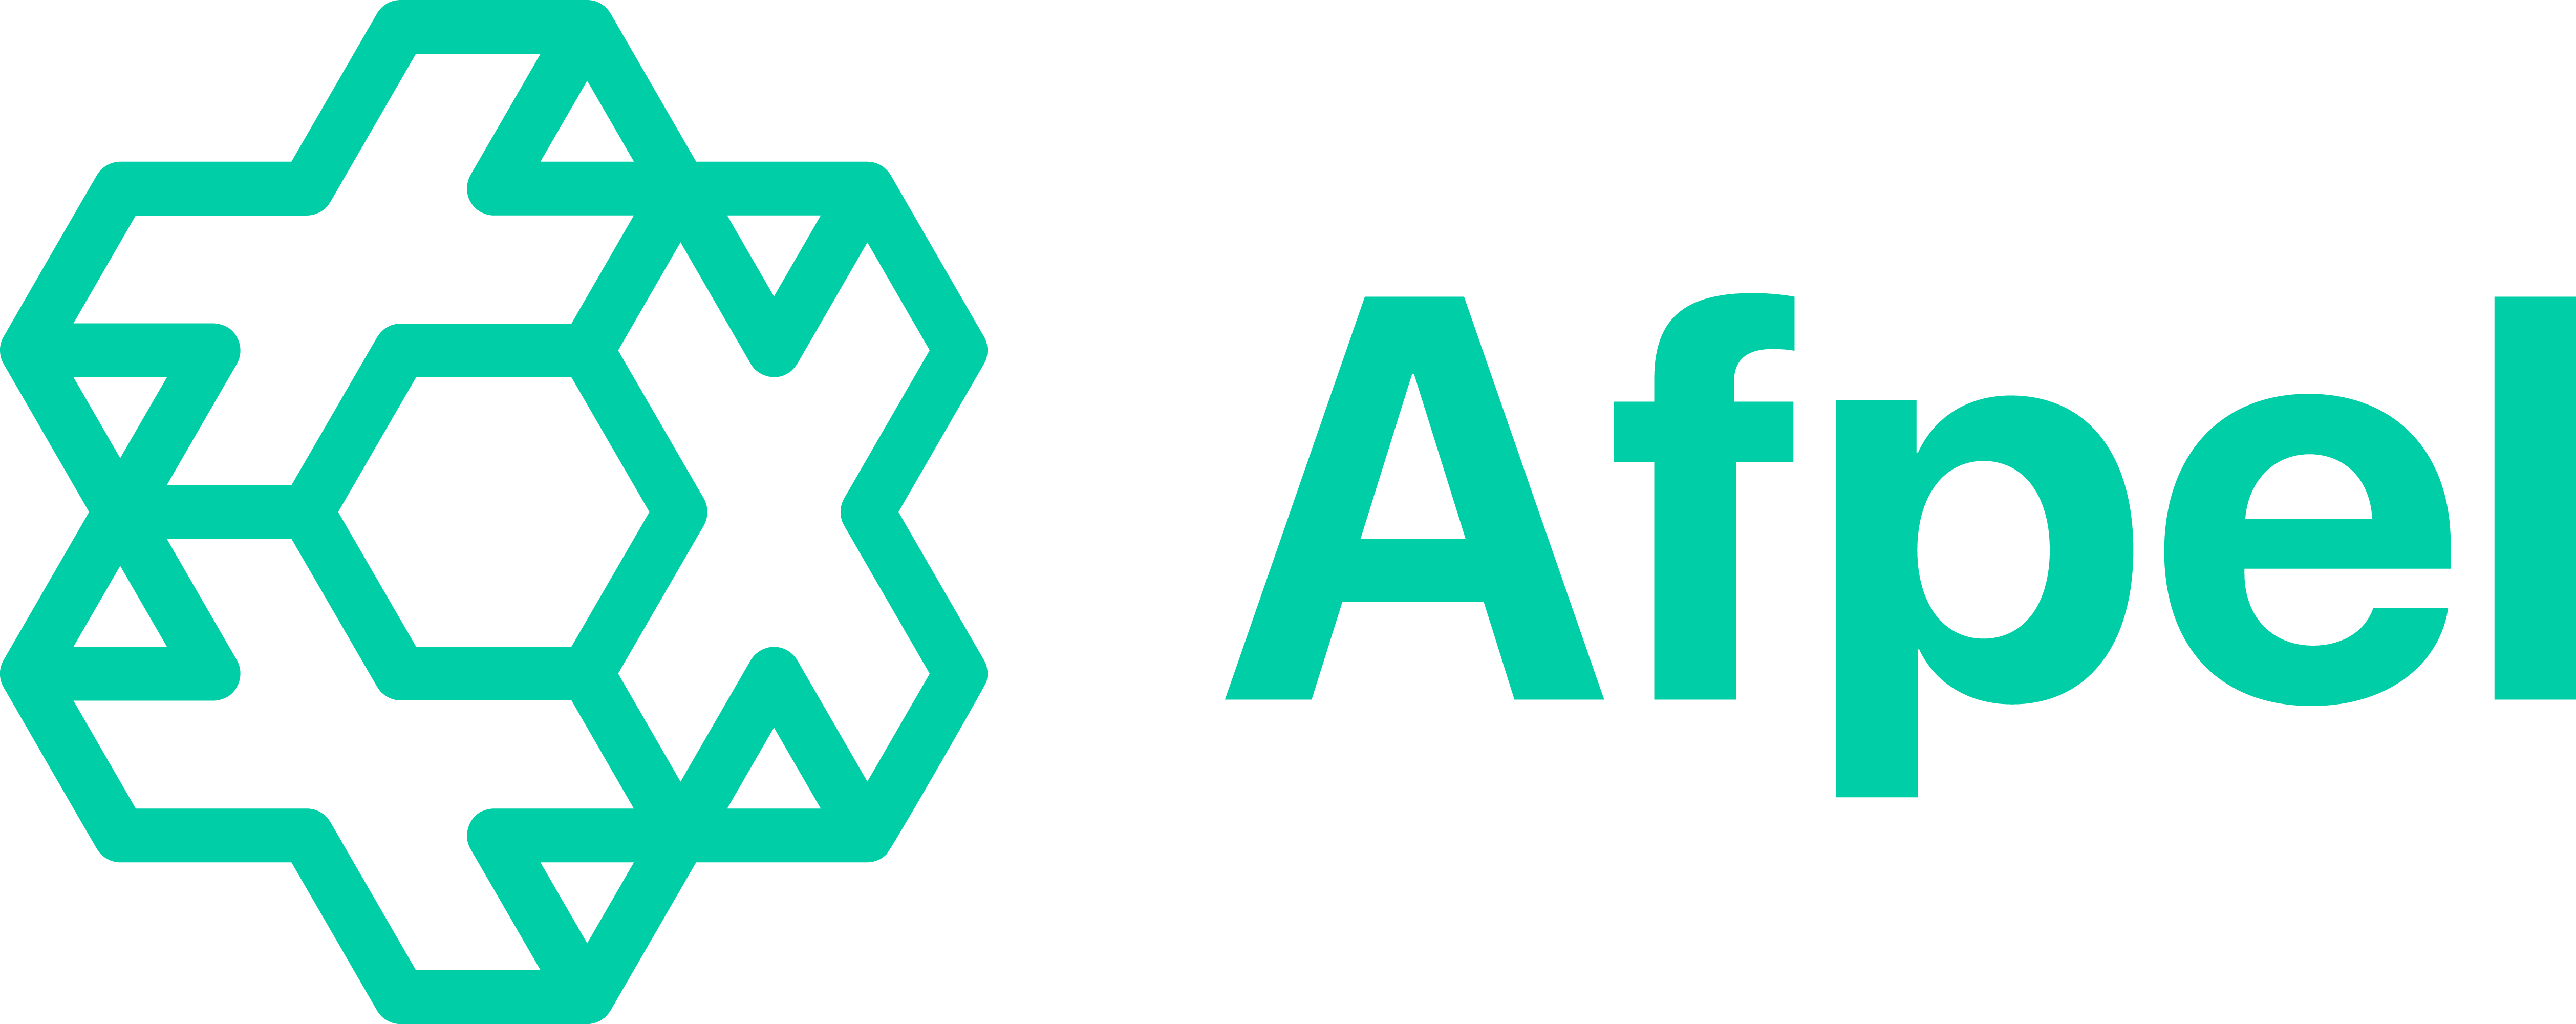 Association française des pharmacies en ligne